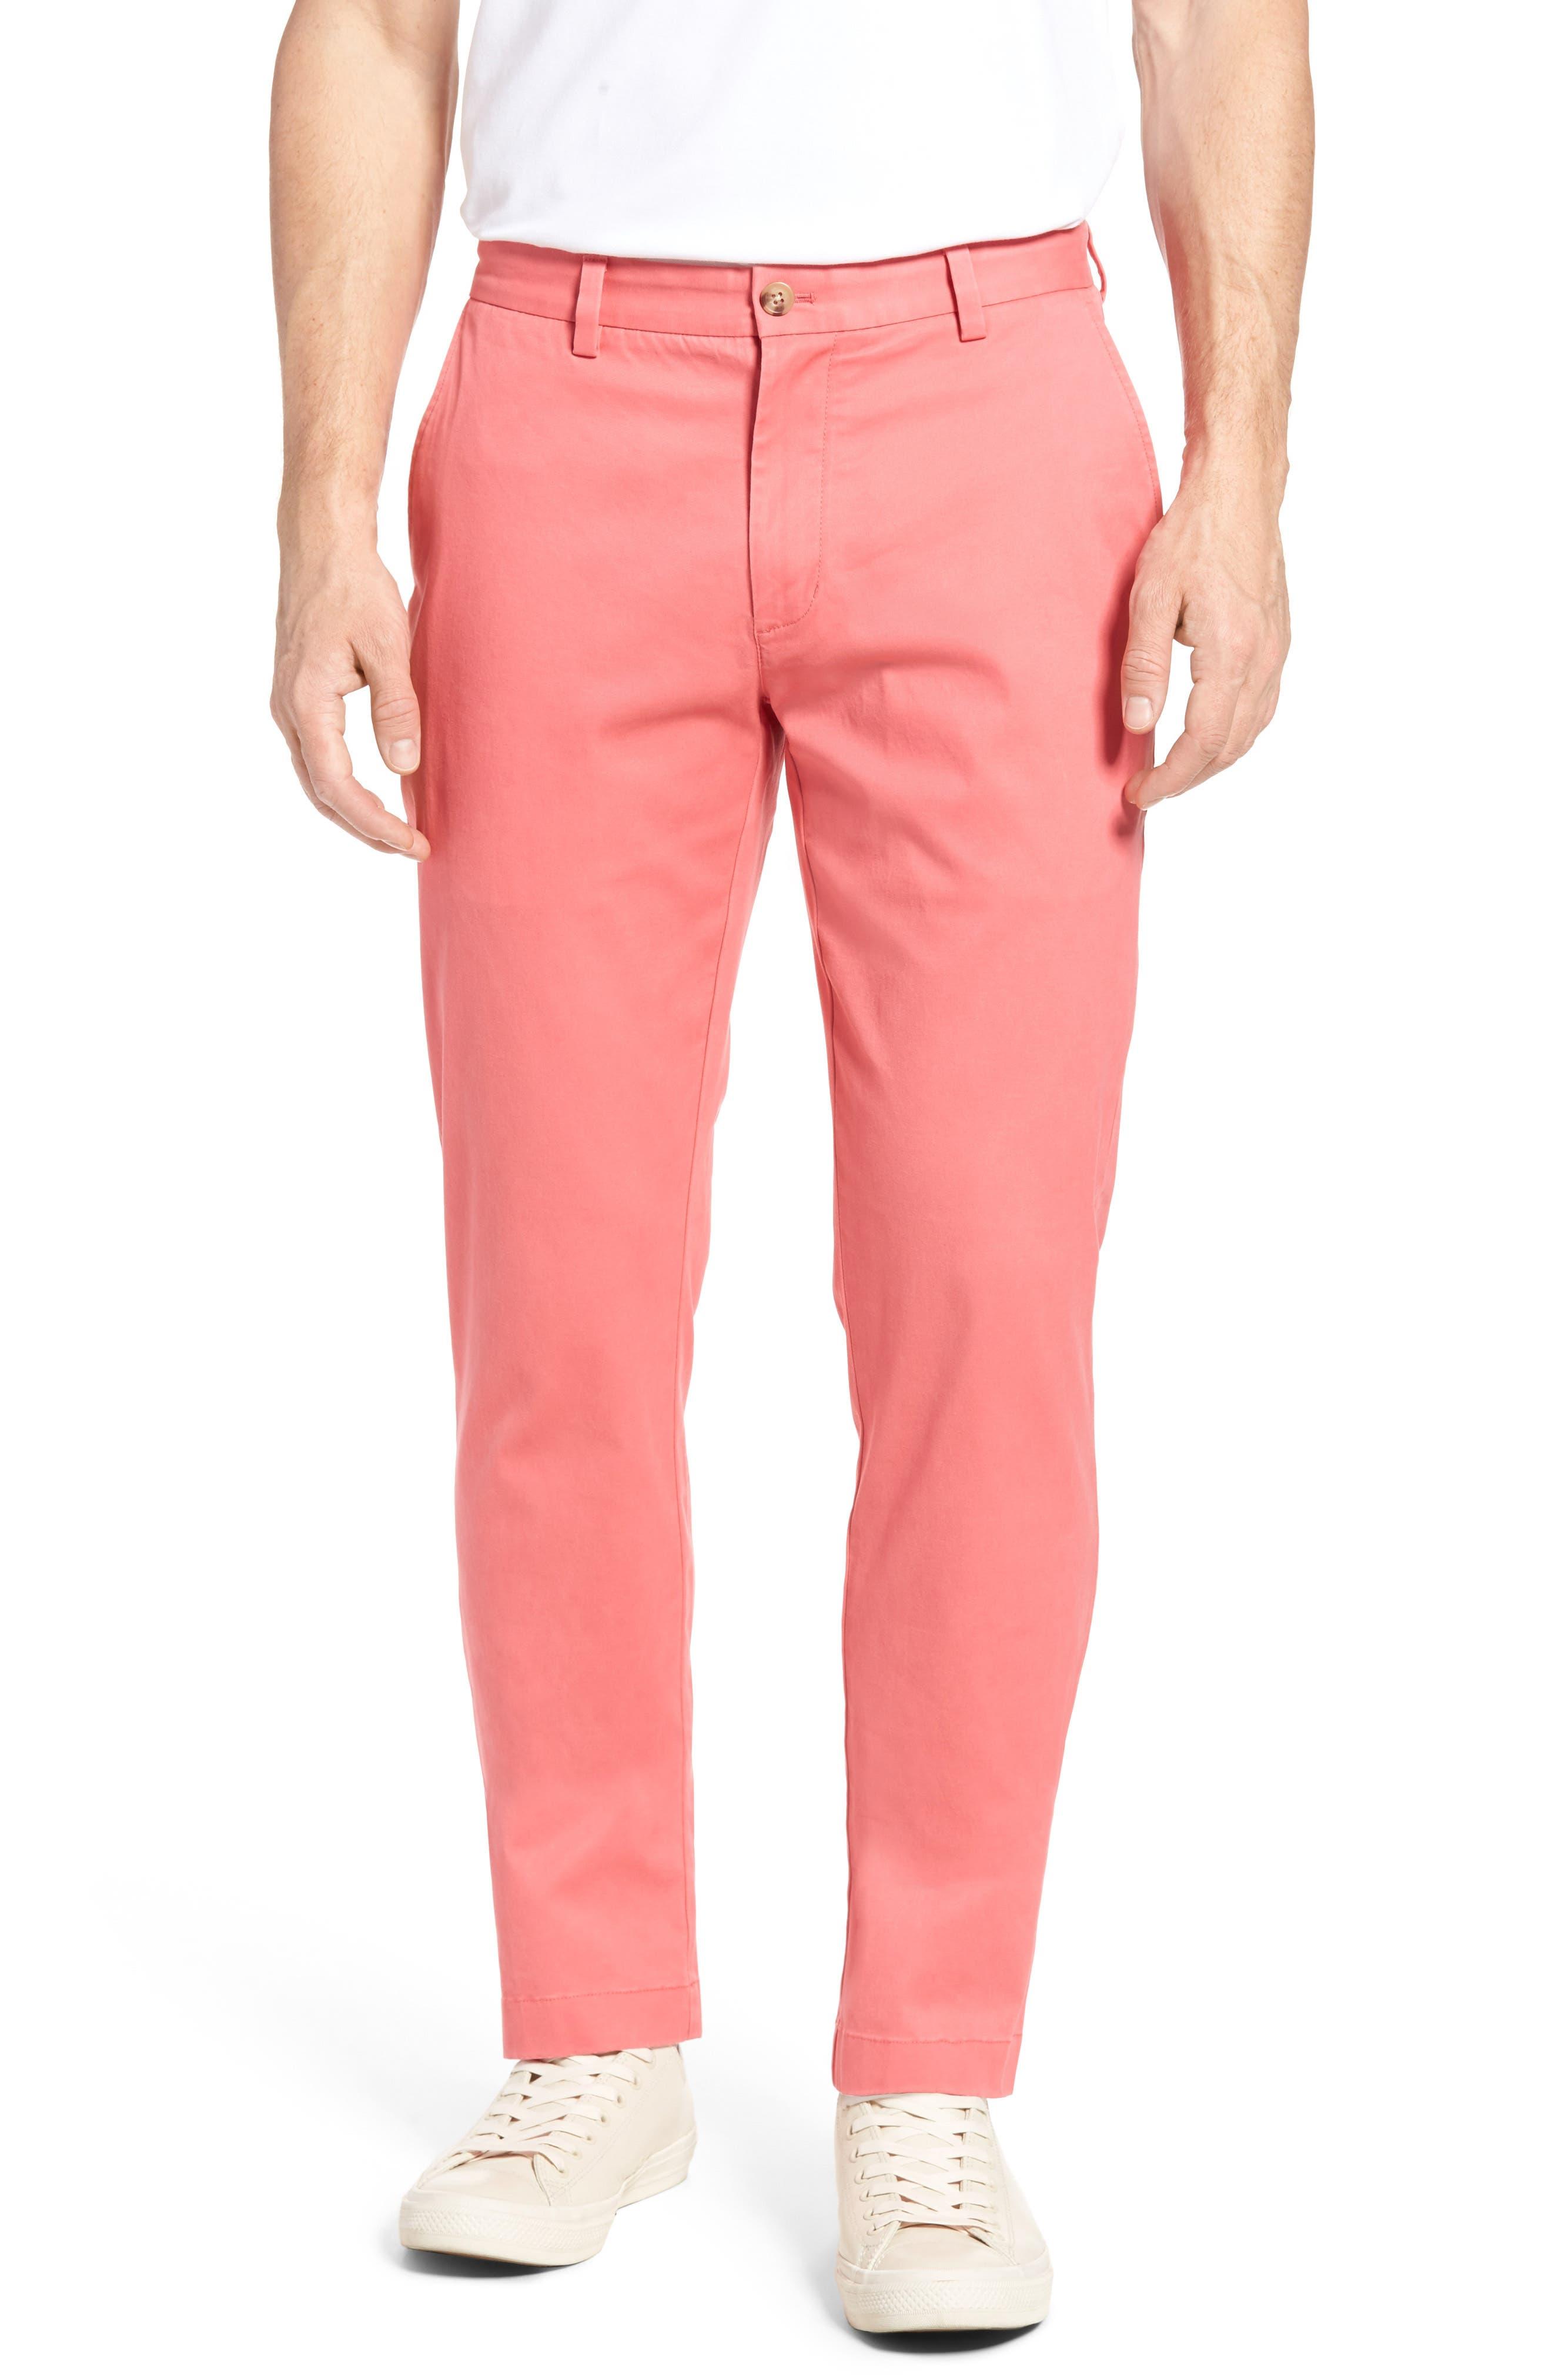 Men's Vineyard Vines Breaker Flat Front Stretch Cotton Pants, Size 34 x 30 - Blue